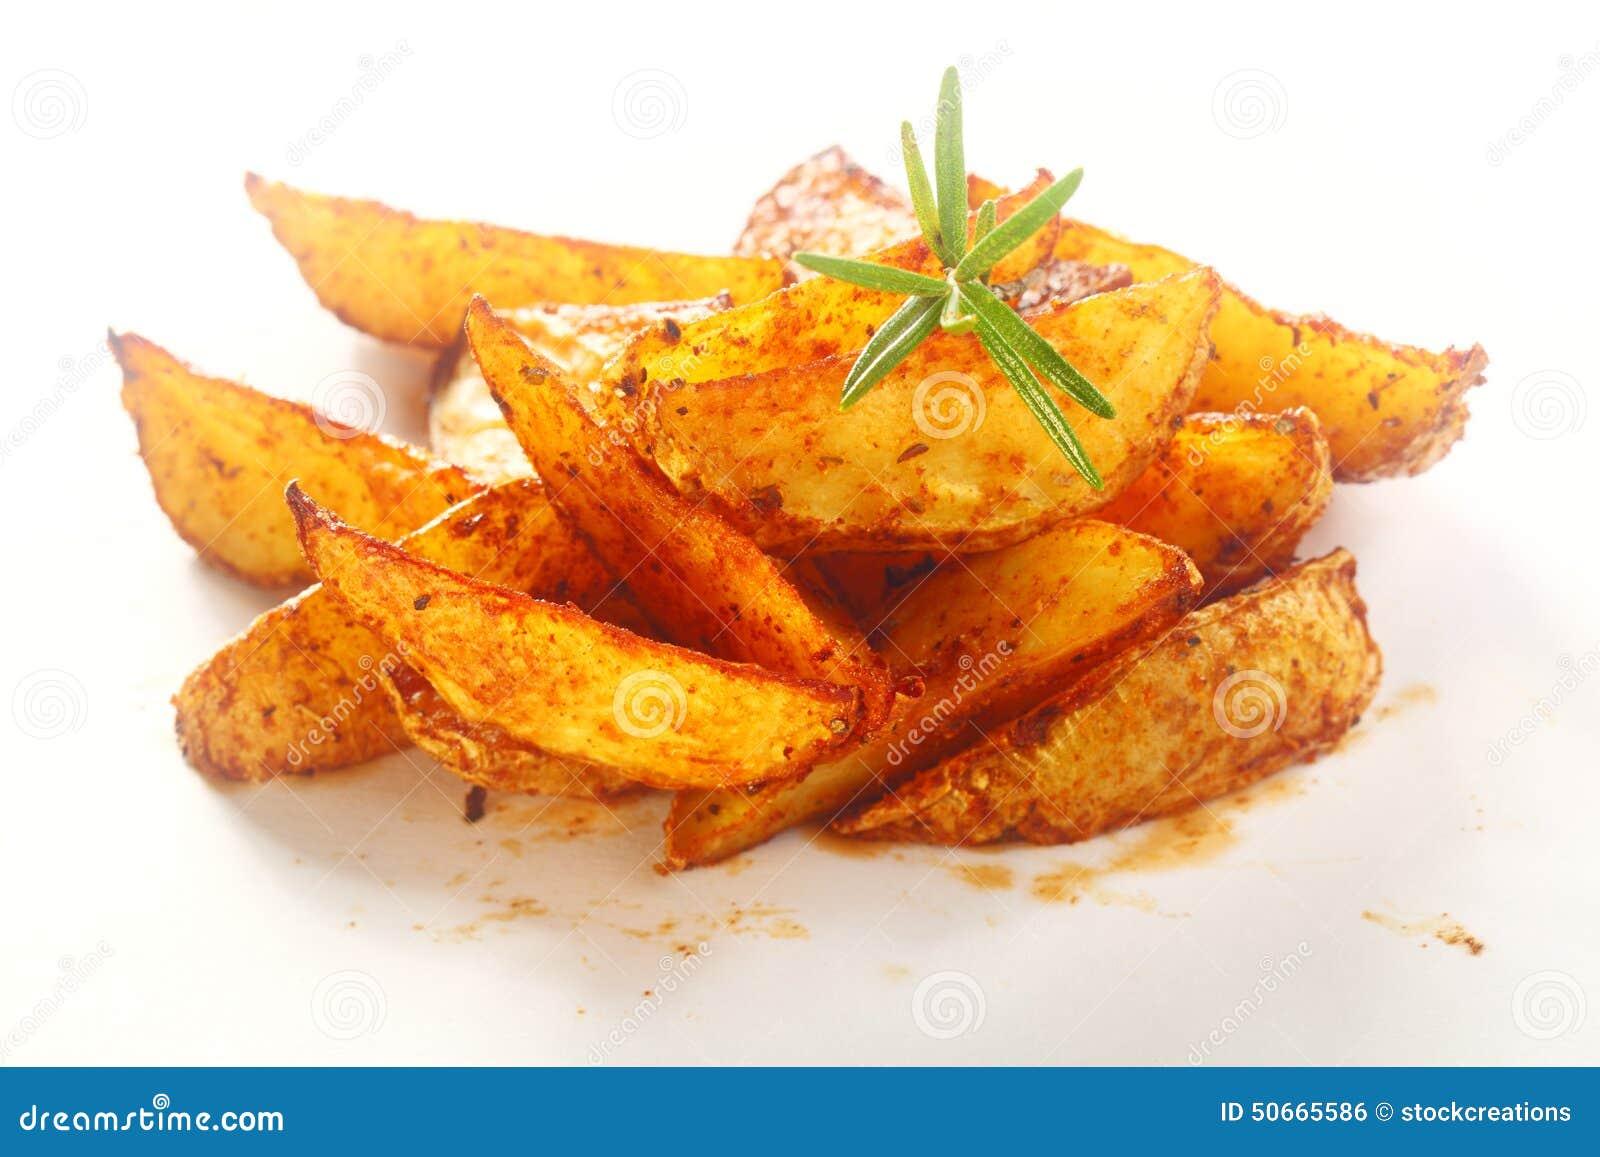 Fried Potato Wedges épicé gastronome de plat